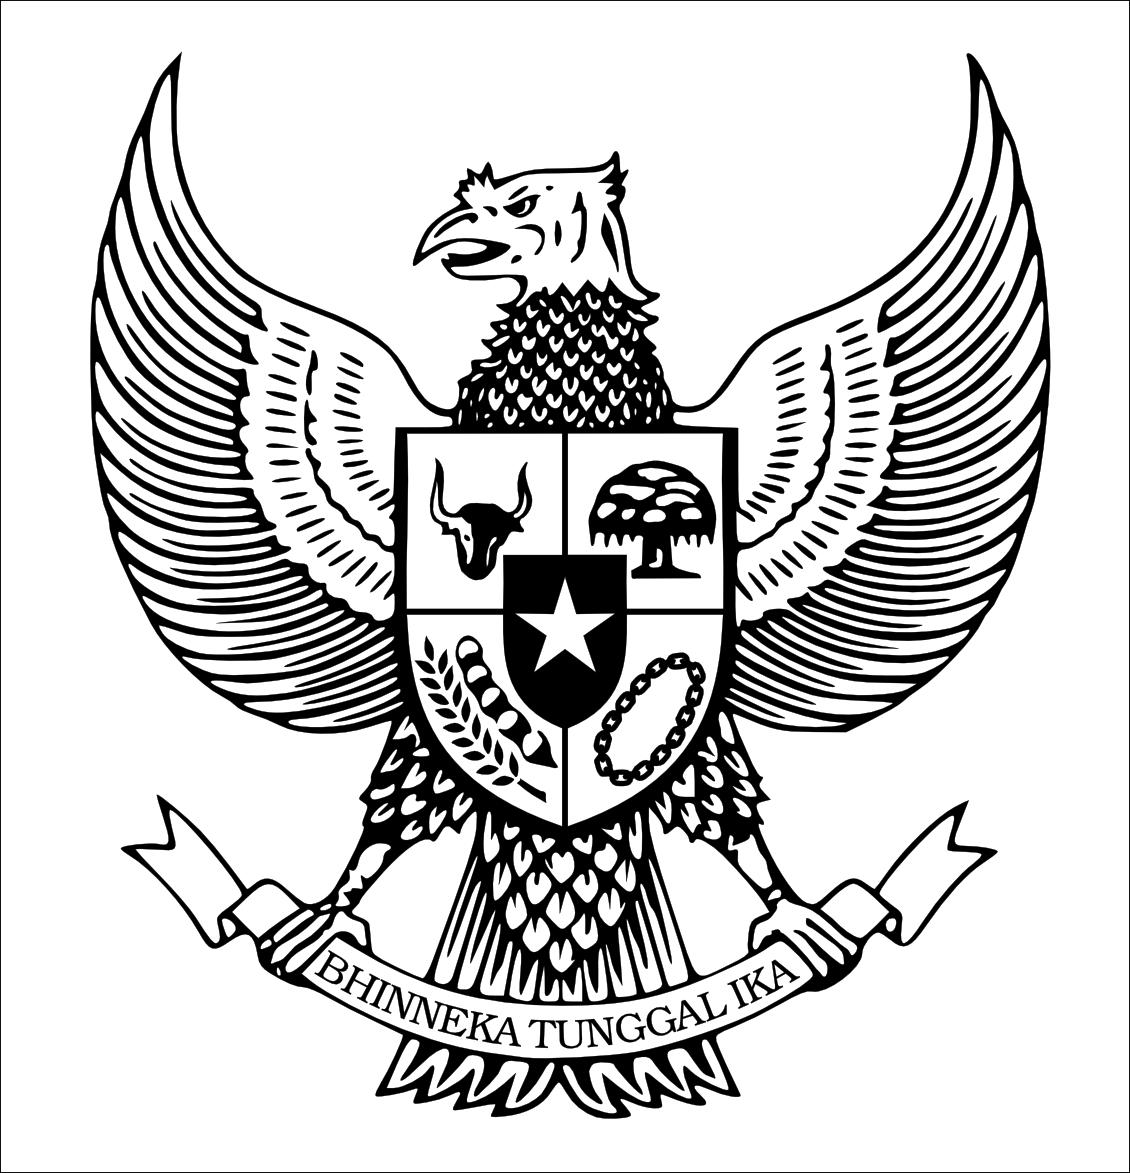 Linux Digital Stample: FREE DOWNLOAD LOGO LAMBANG